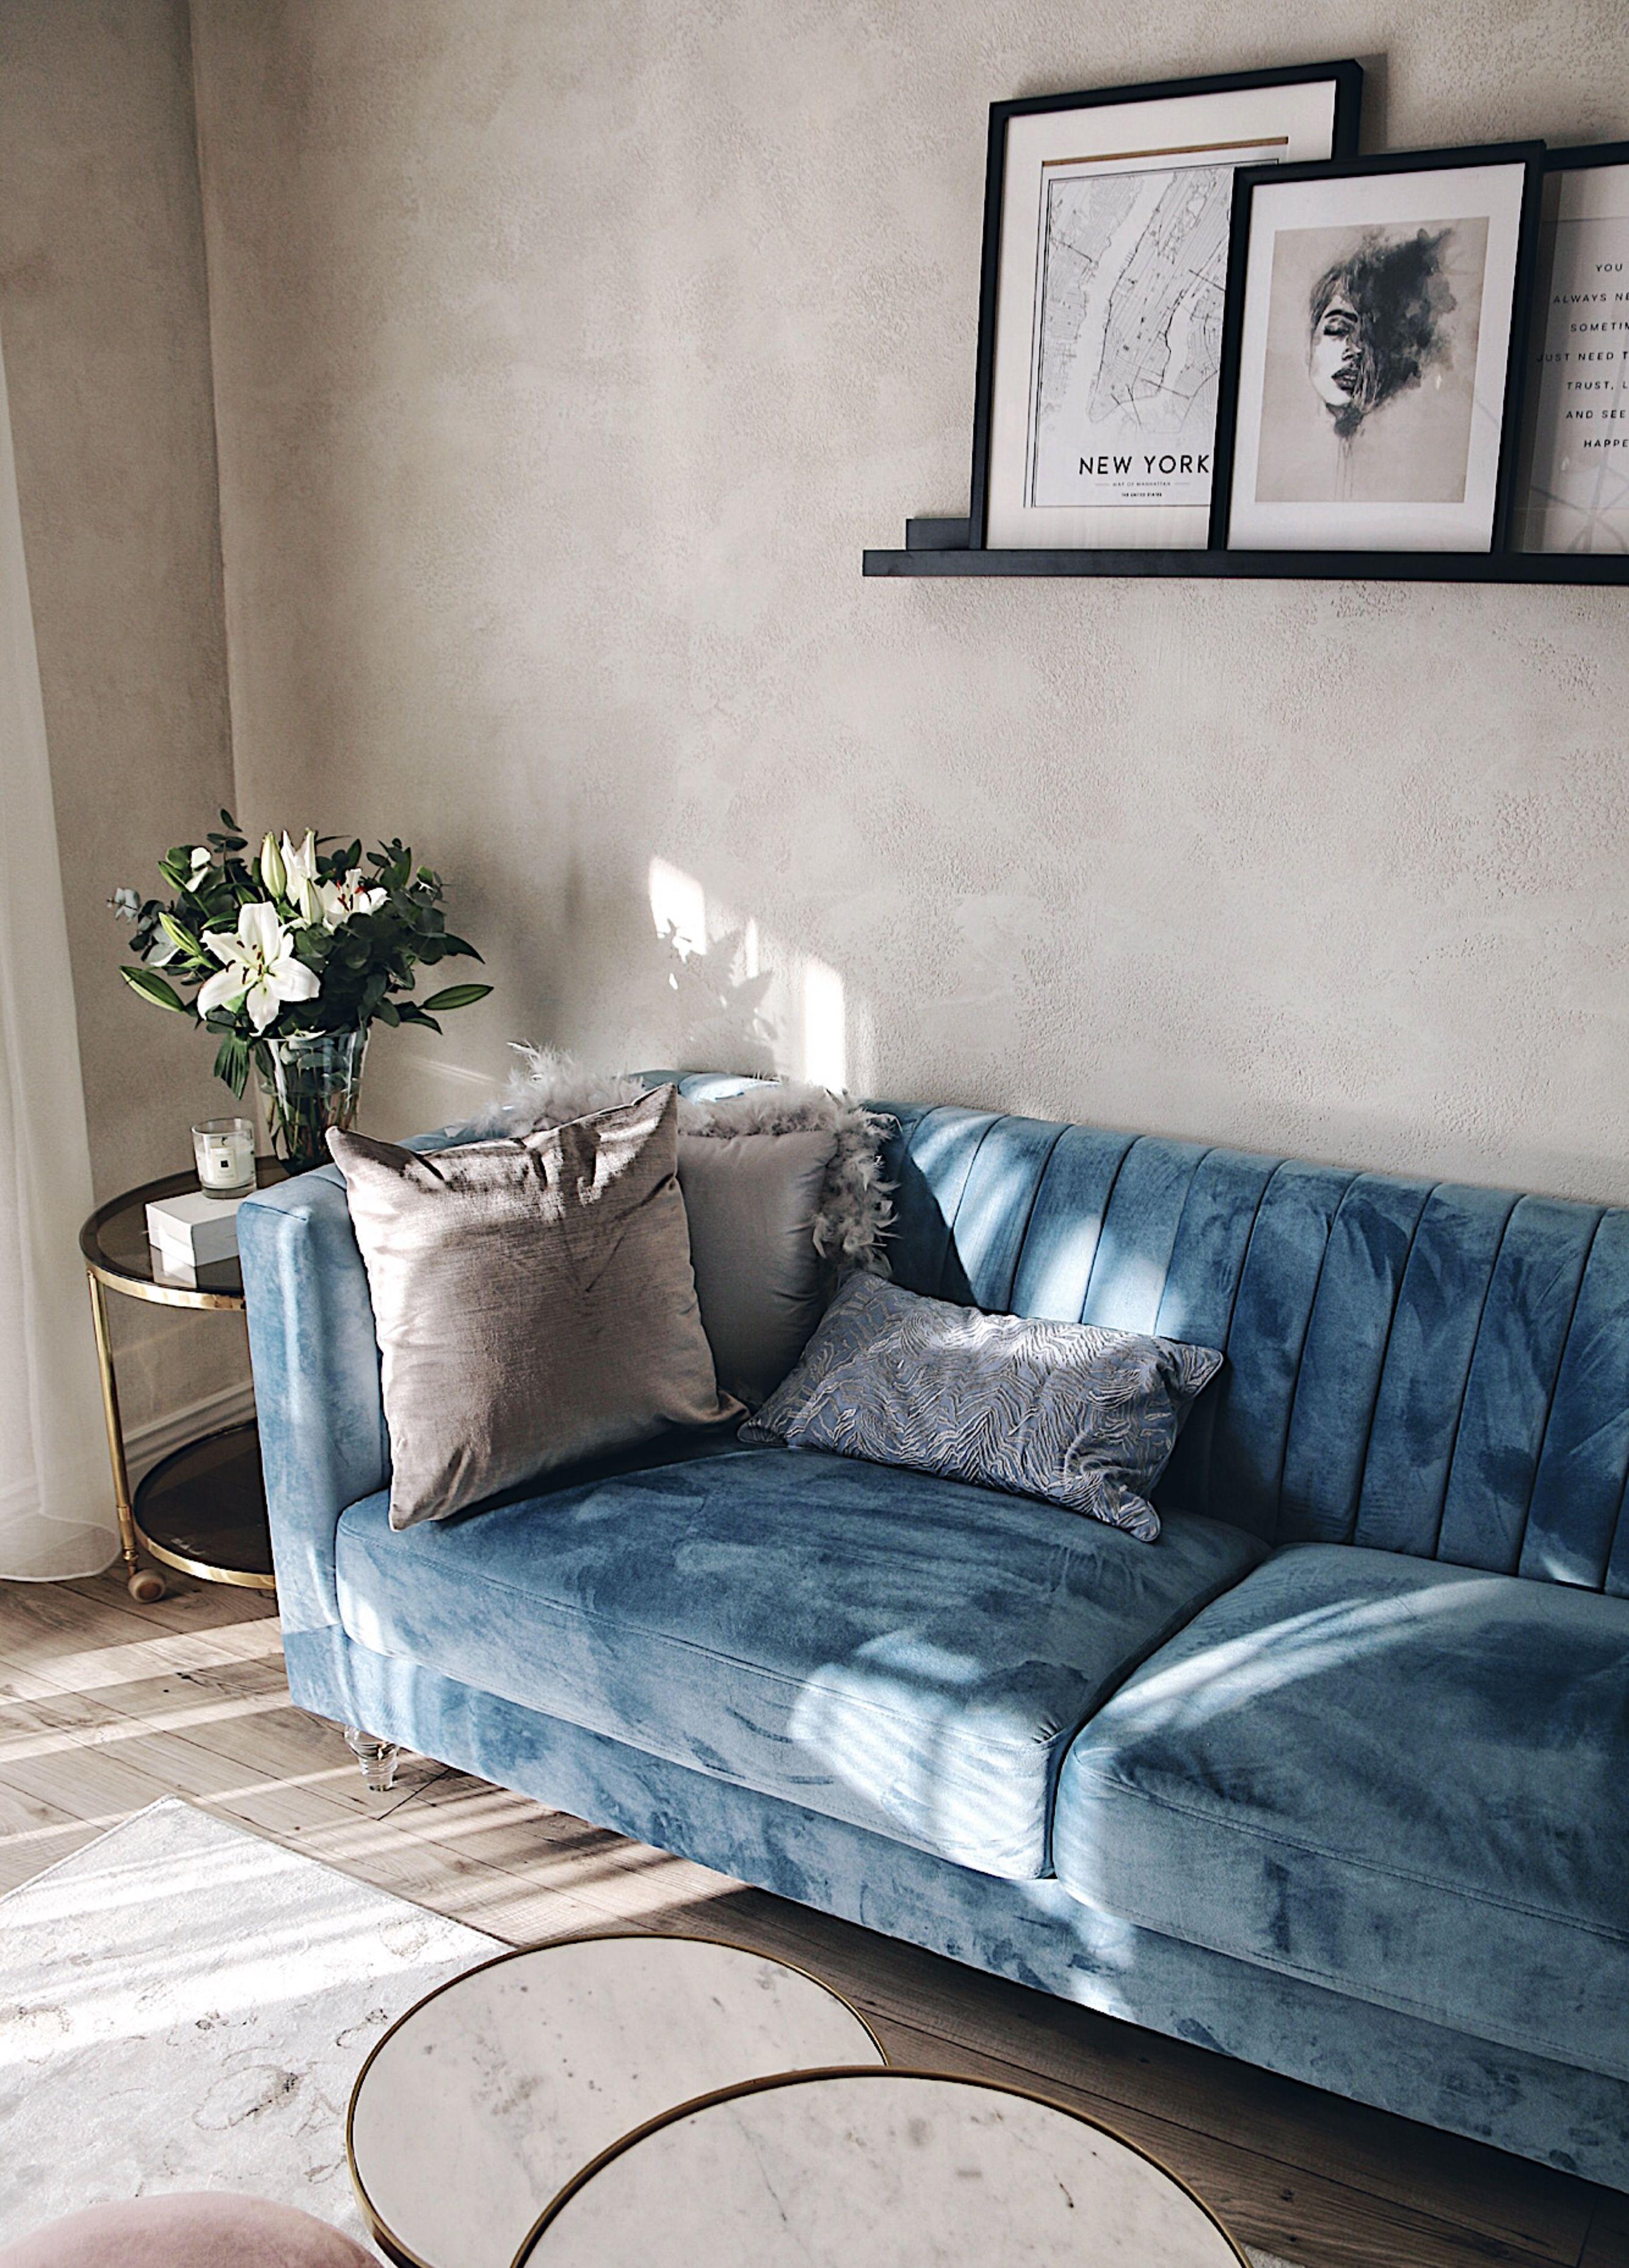 Soffa Sammet Ljusbla Arvika Einrichten Und Wohnen Wohnzimmer Hellblaue Sofas Sofa Design